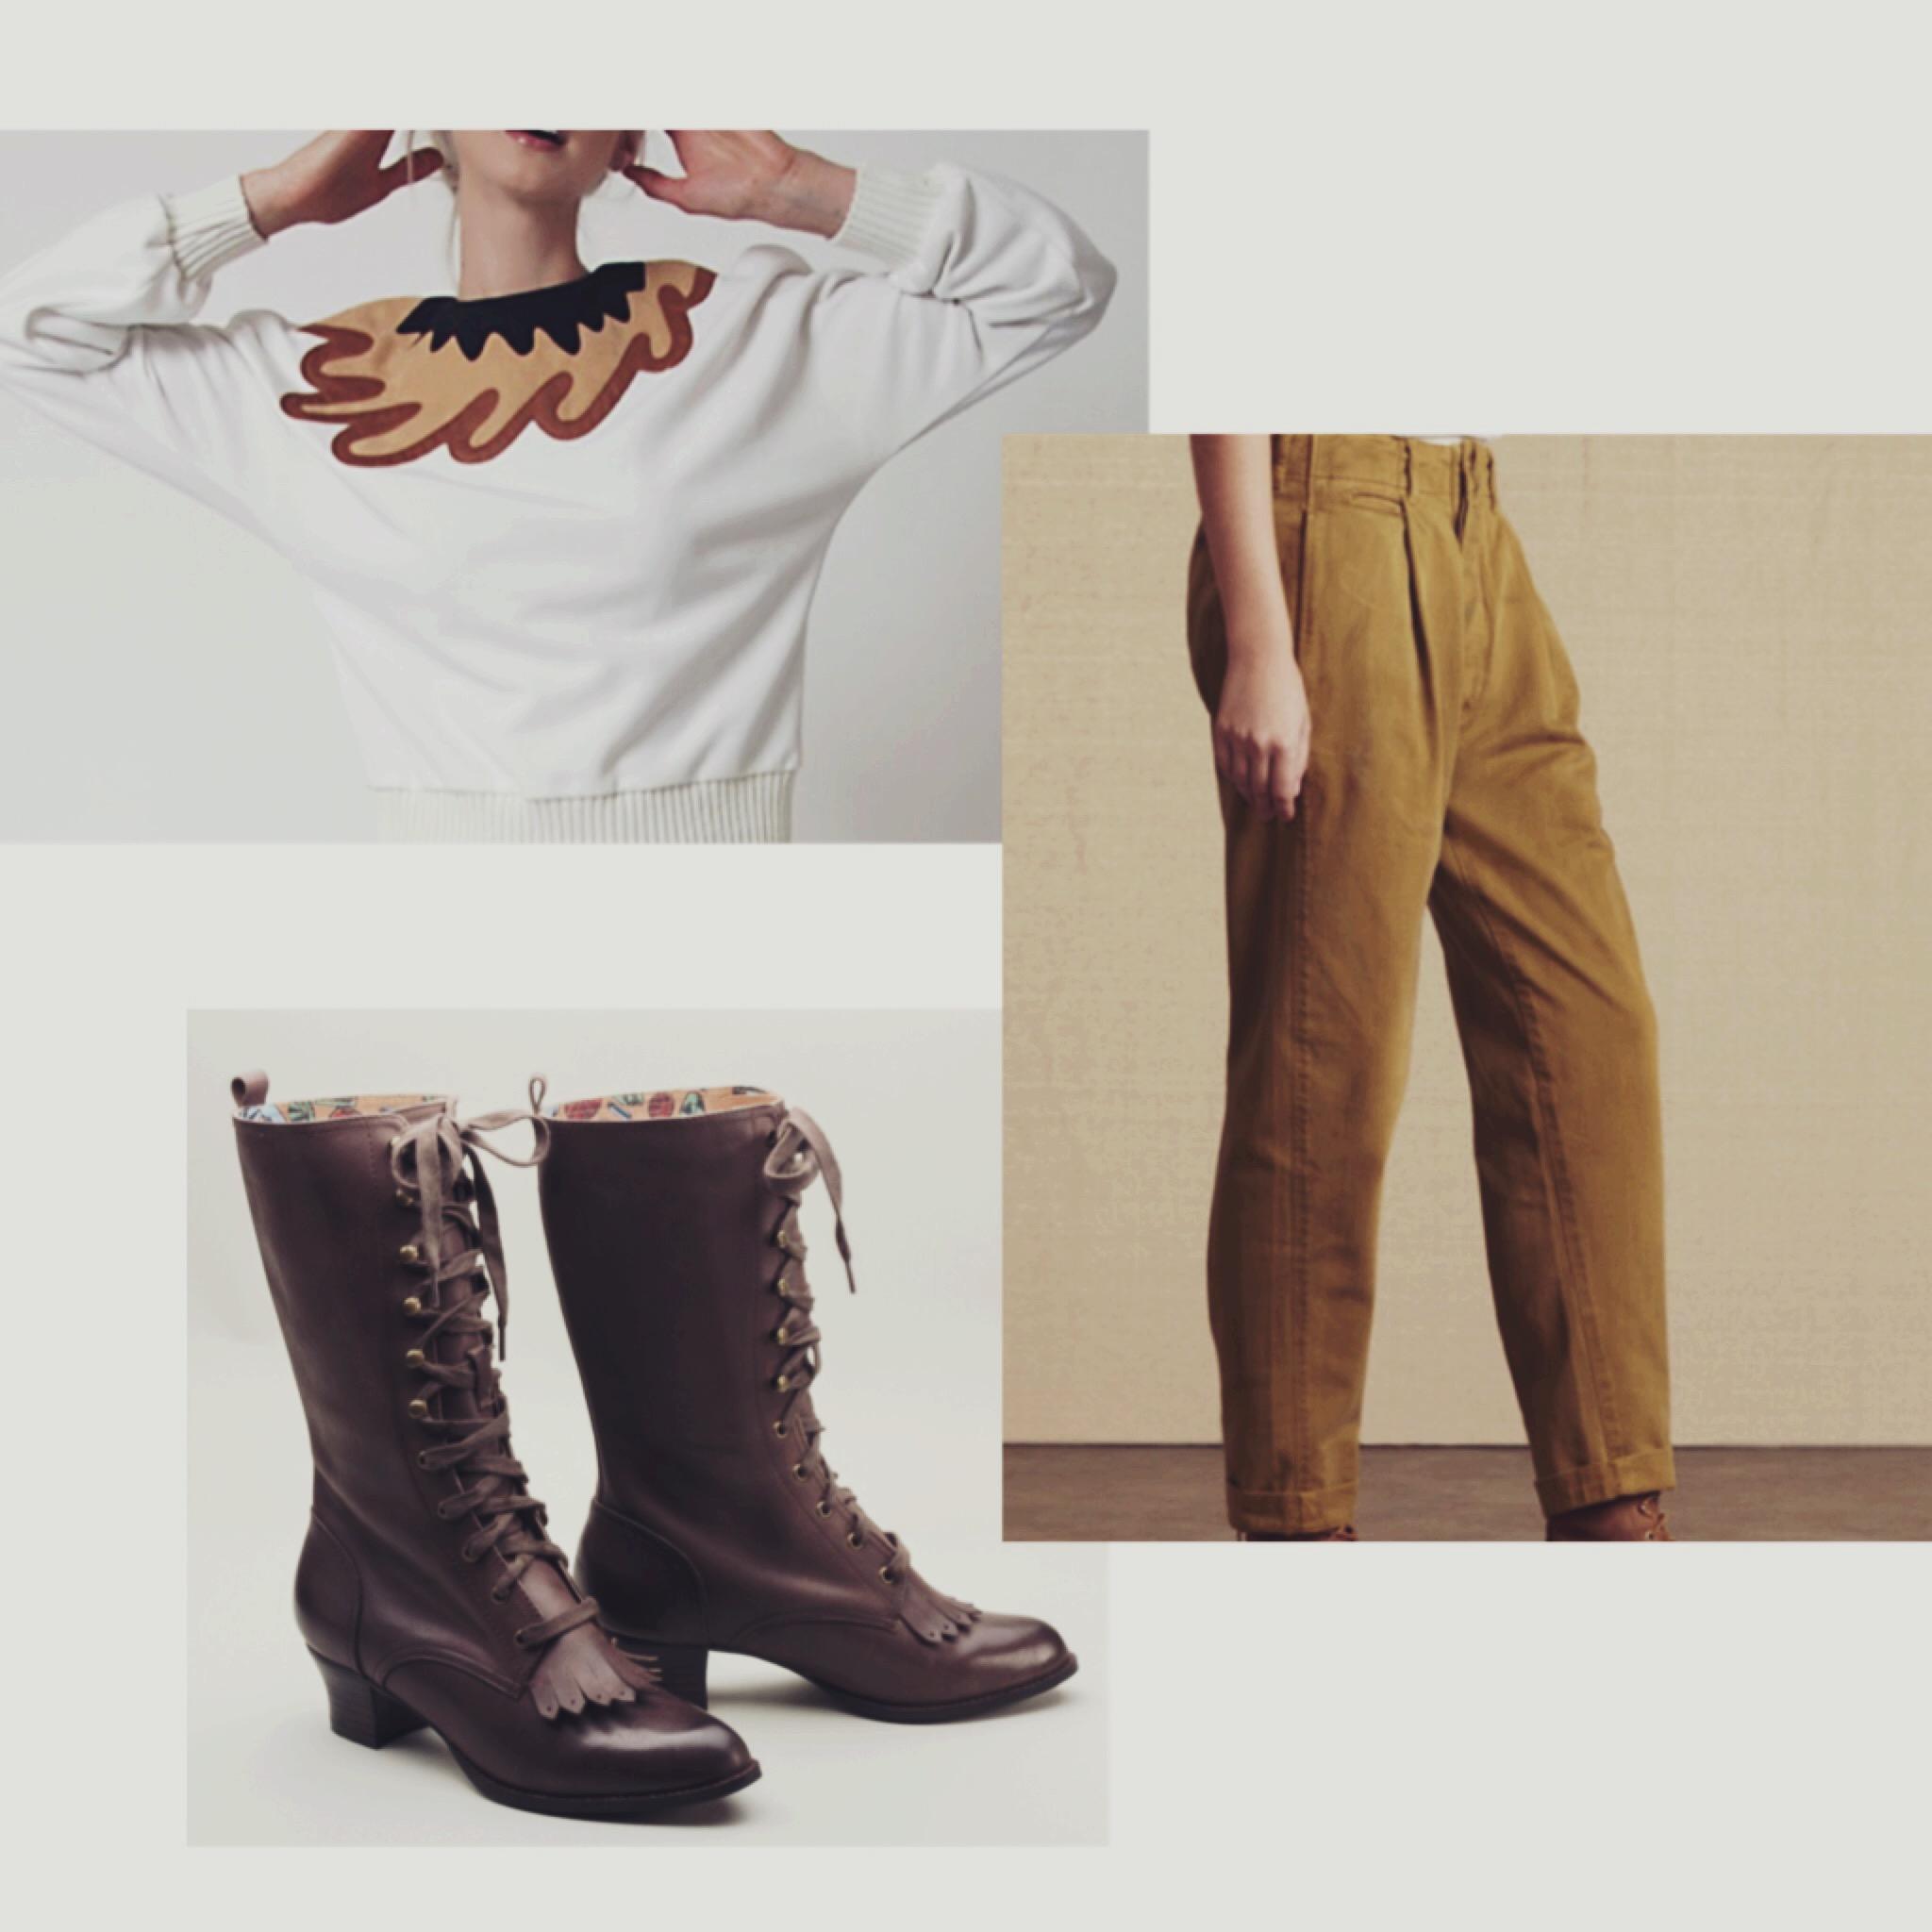 LEVI'S, Desert Cat Vintage, Royal Vintage Shoes